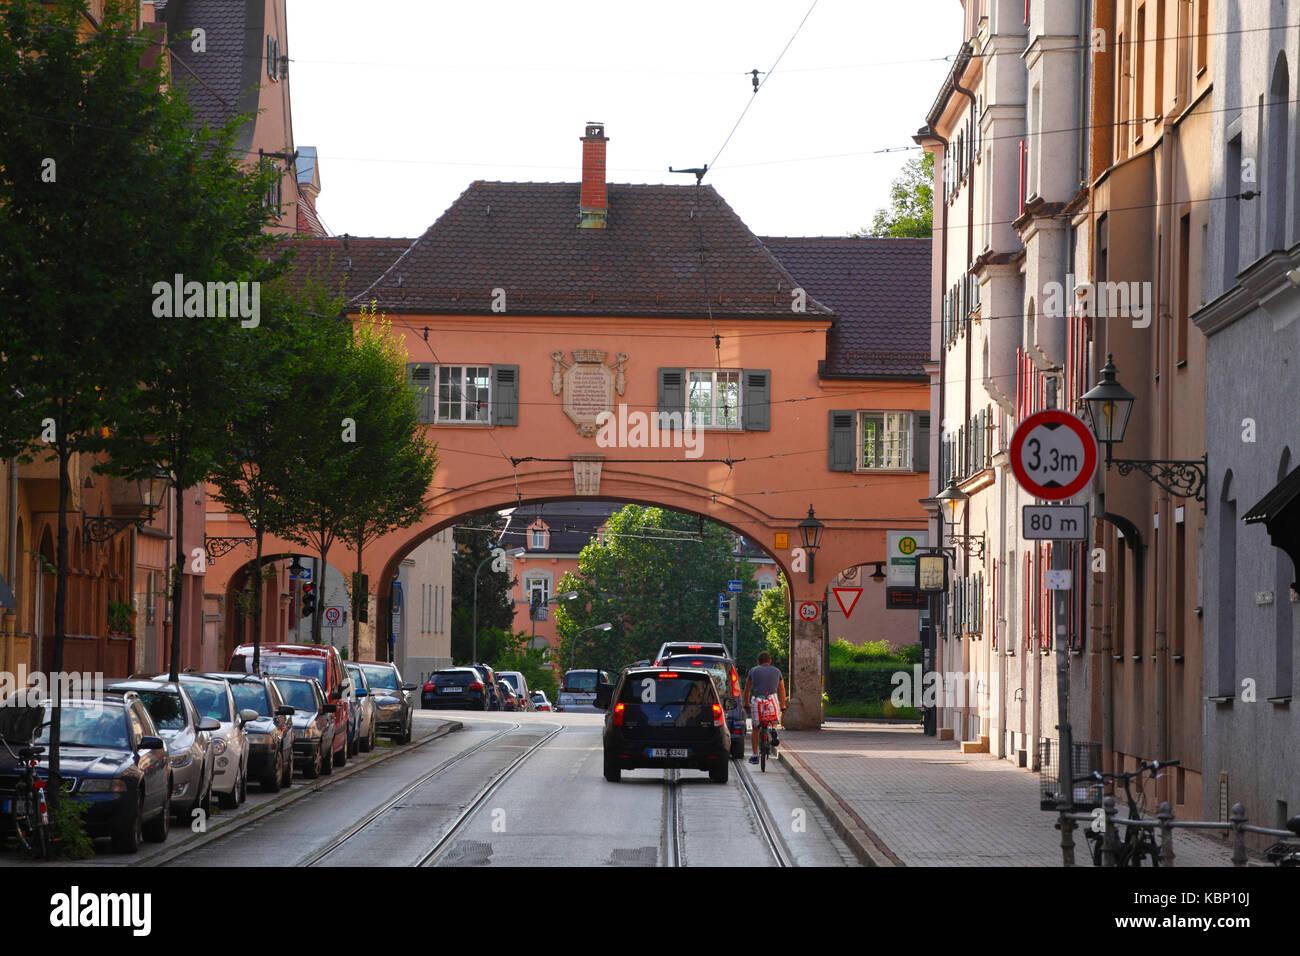 Fischertor Stadttor, Altstadt, Augsburg, Schwaben, Bayern, Deutschland, Europa Stockbild